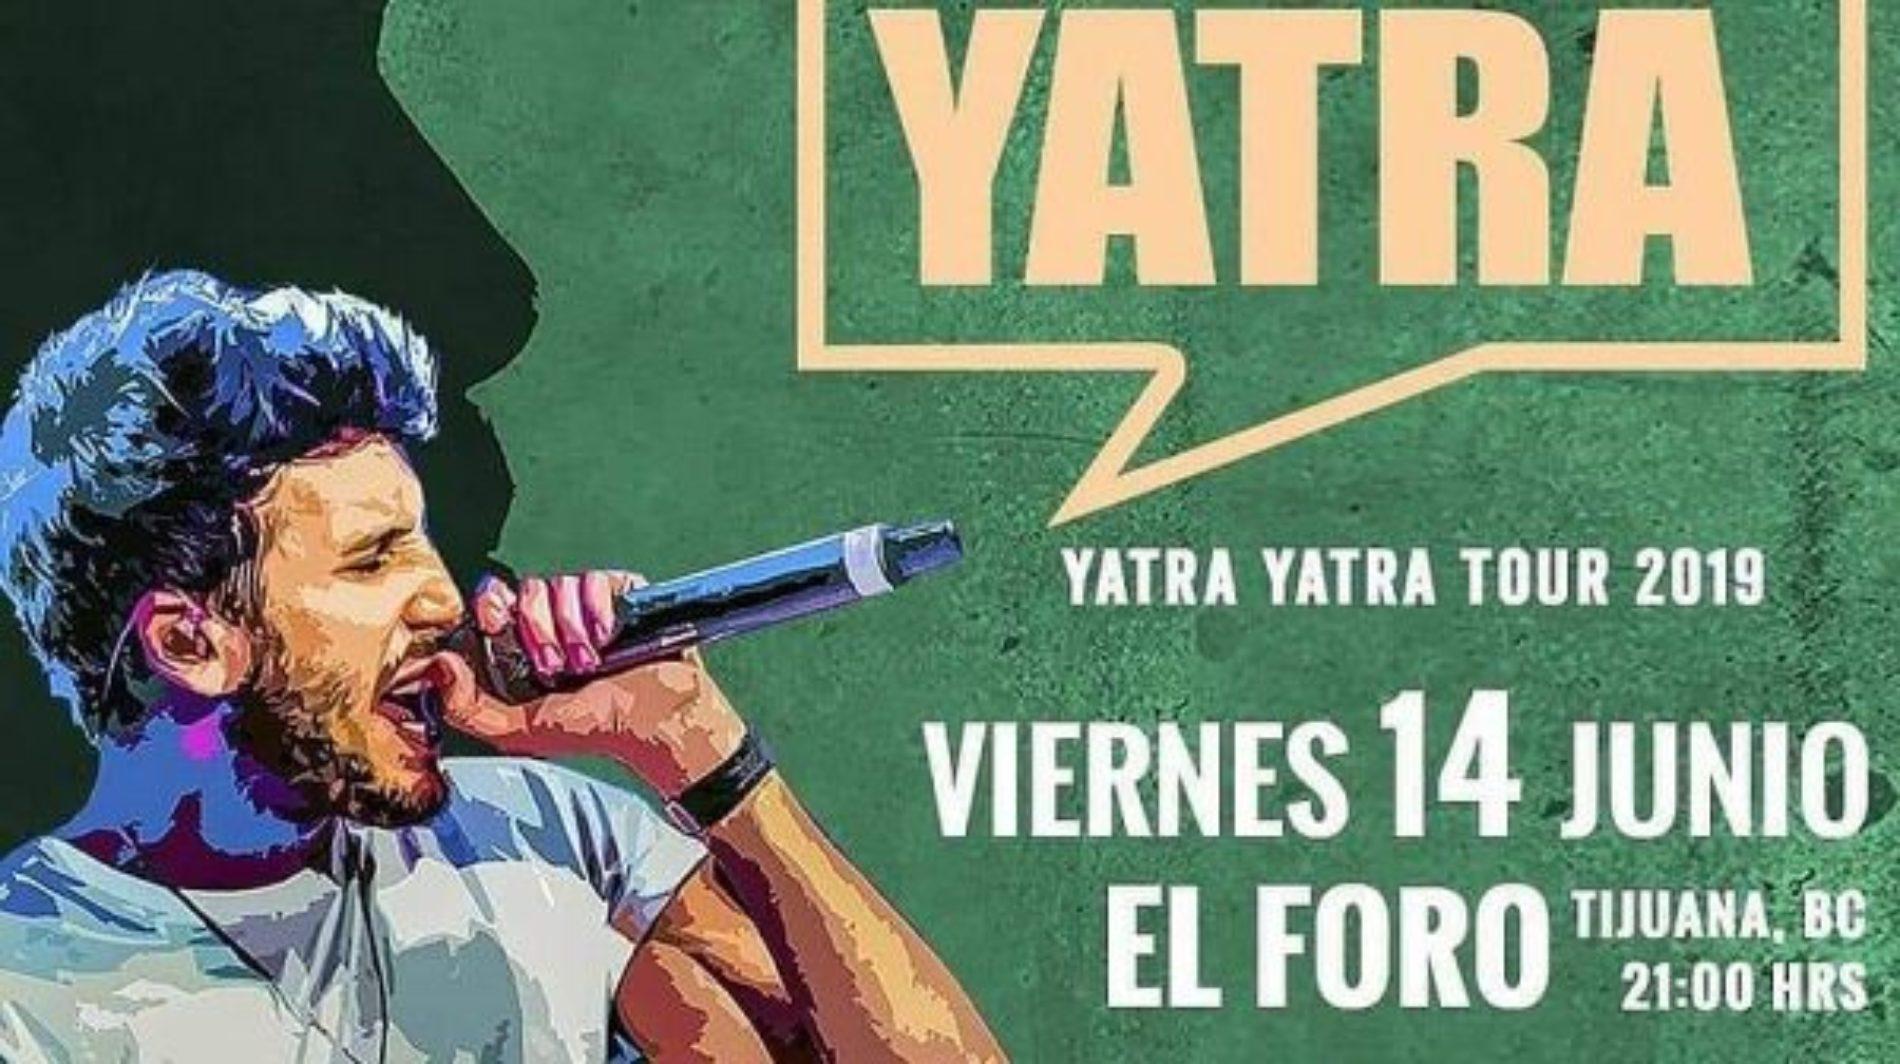 Sebastian Yatra en el Foro Tijuana 2019